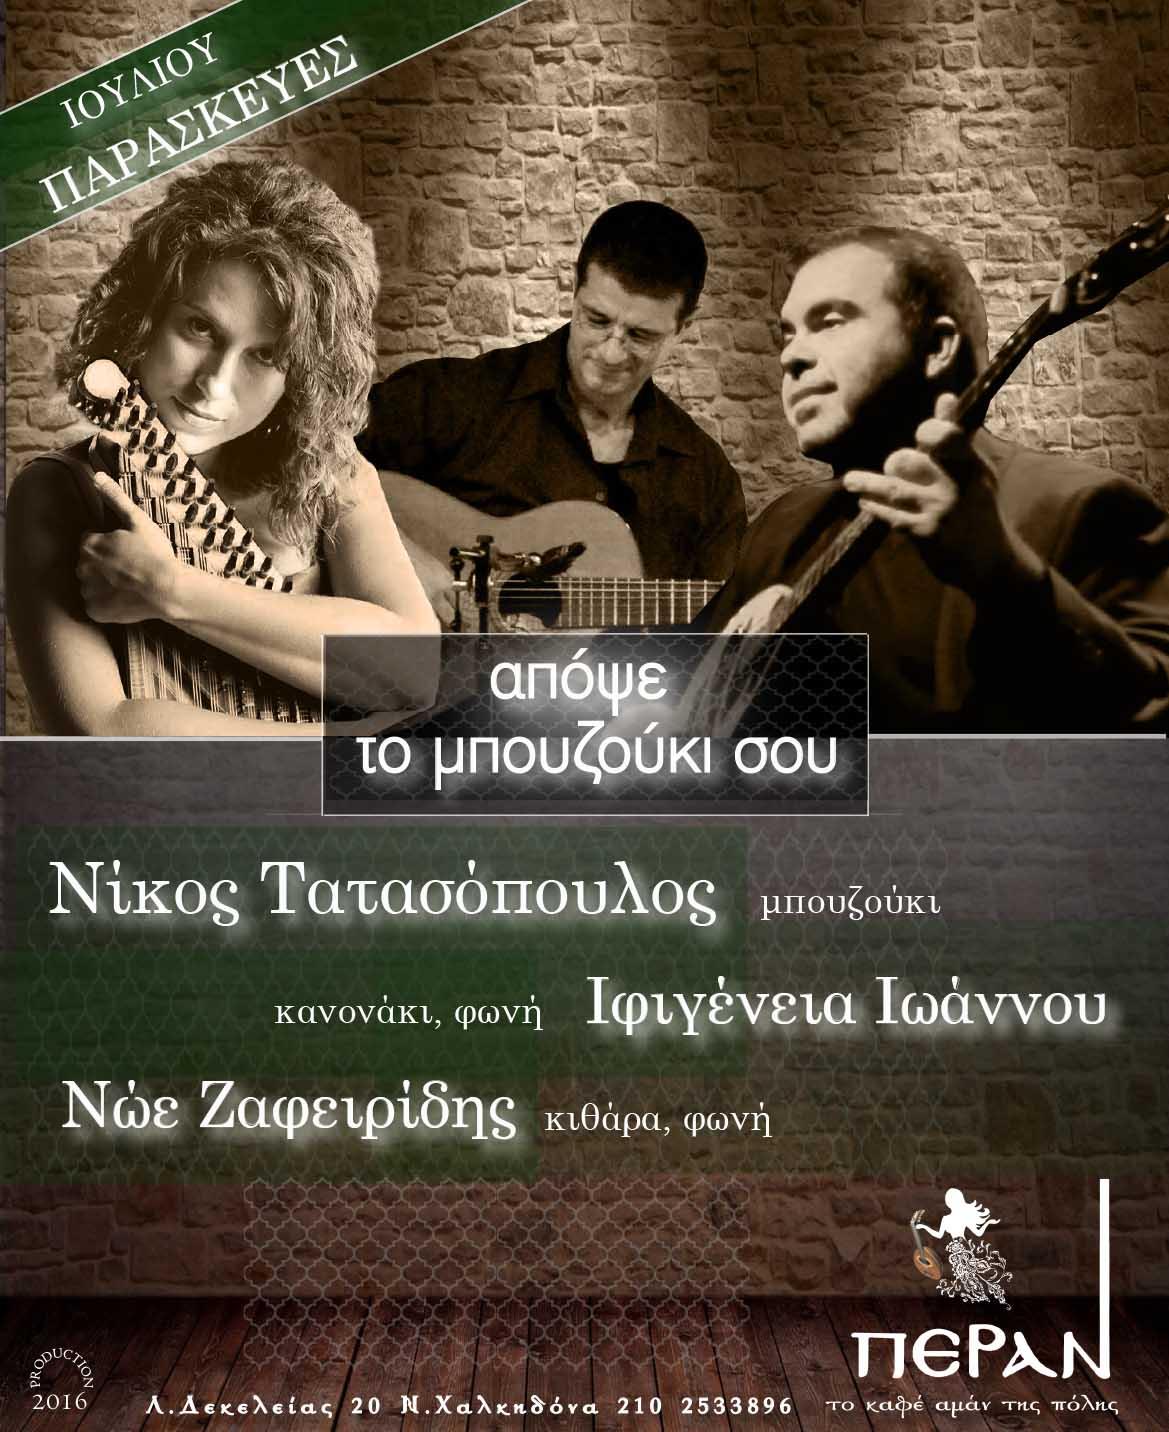 TATASOPOYLOS-NWE-IWANNOY